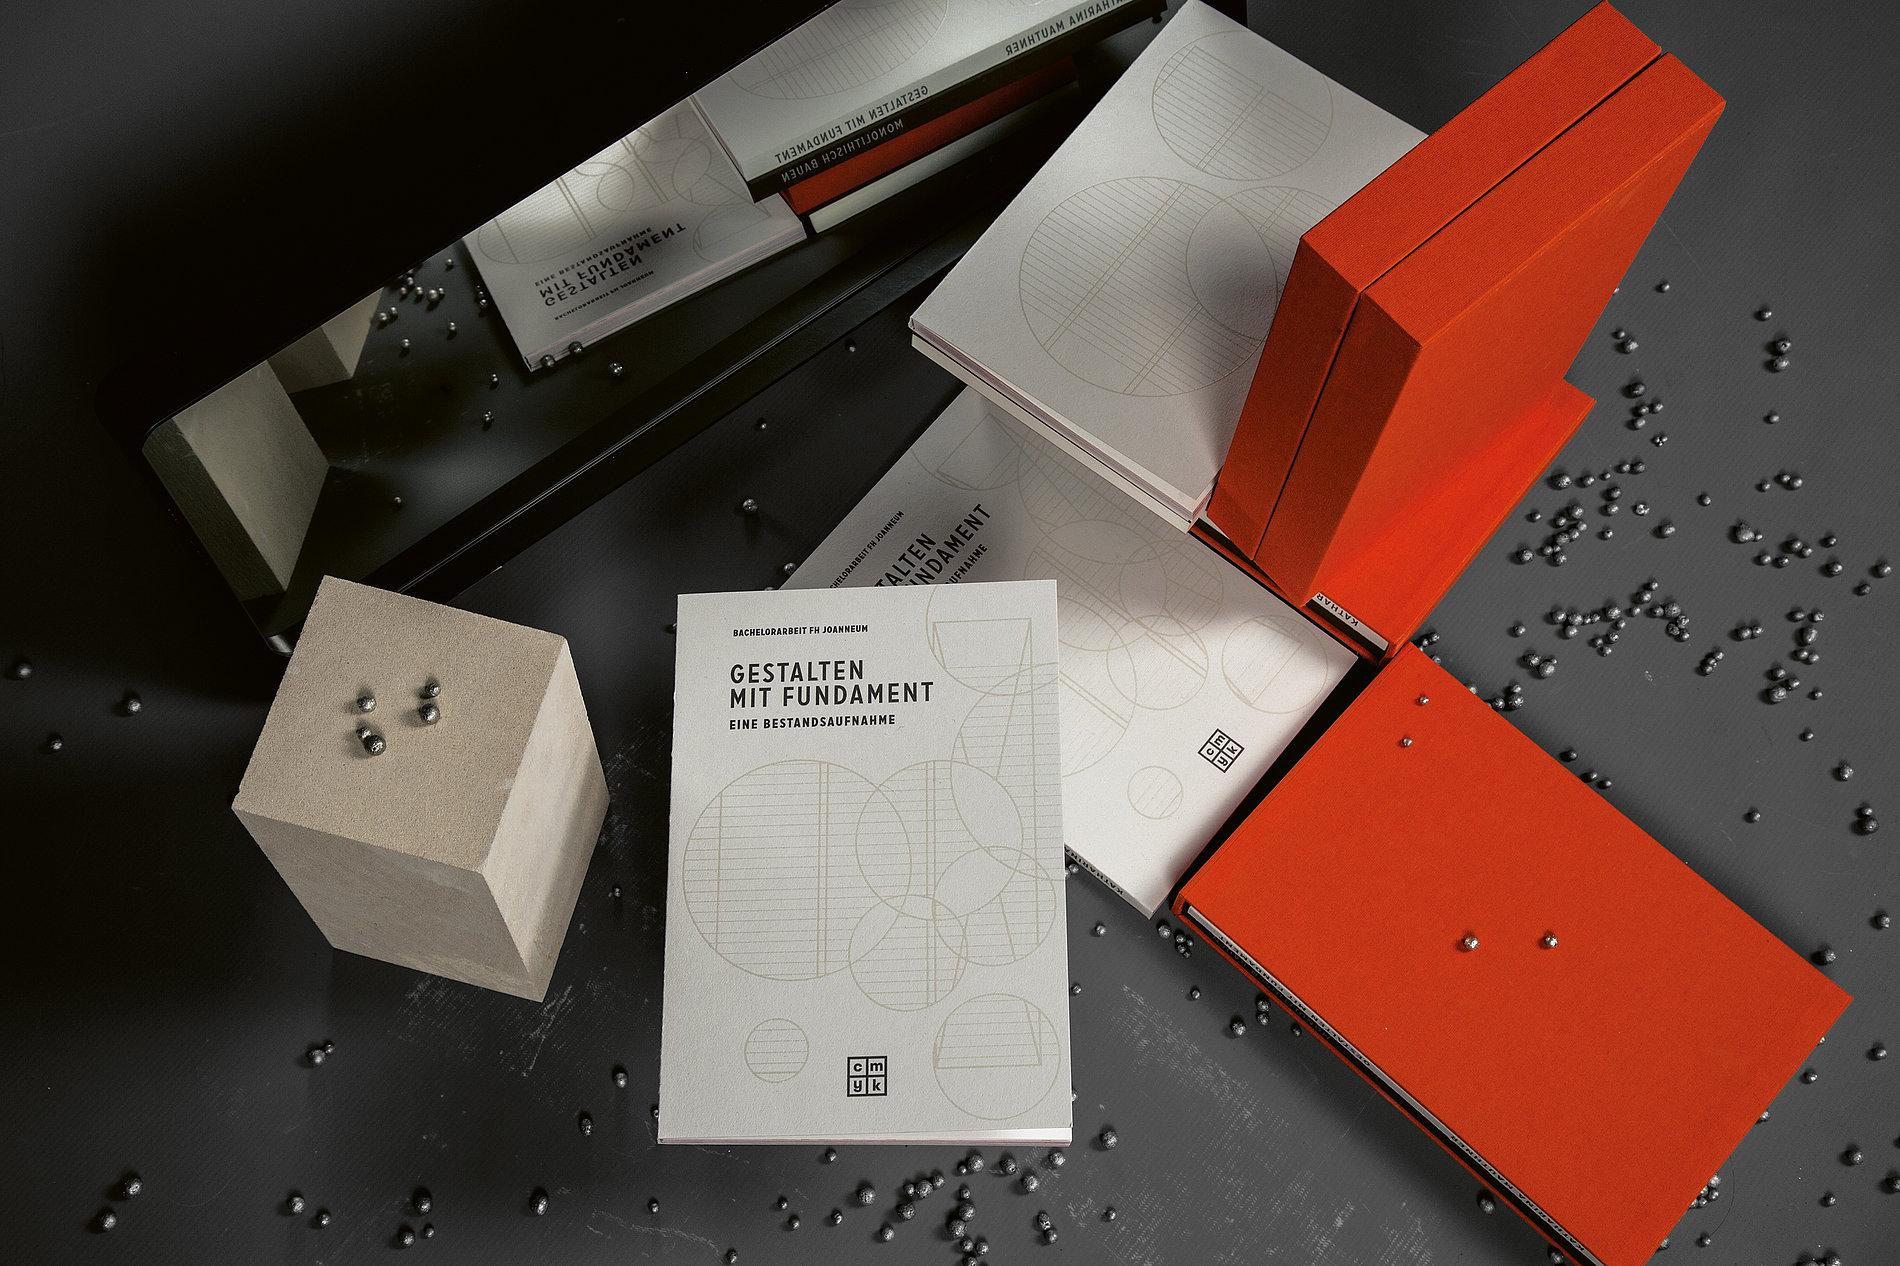 Gestalten mit Fundament/ Monolithisch bauen | Red Dot Design Award